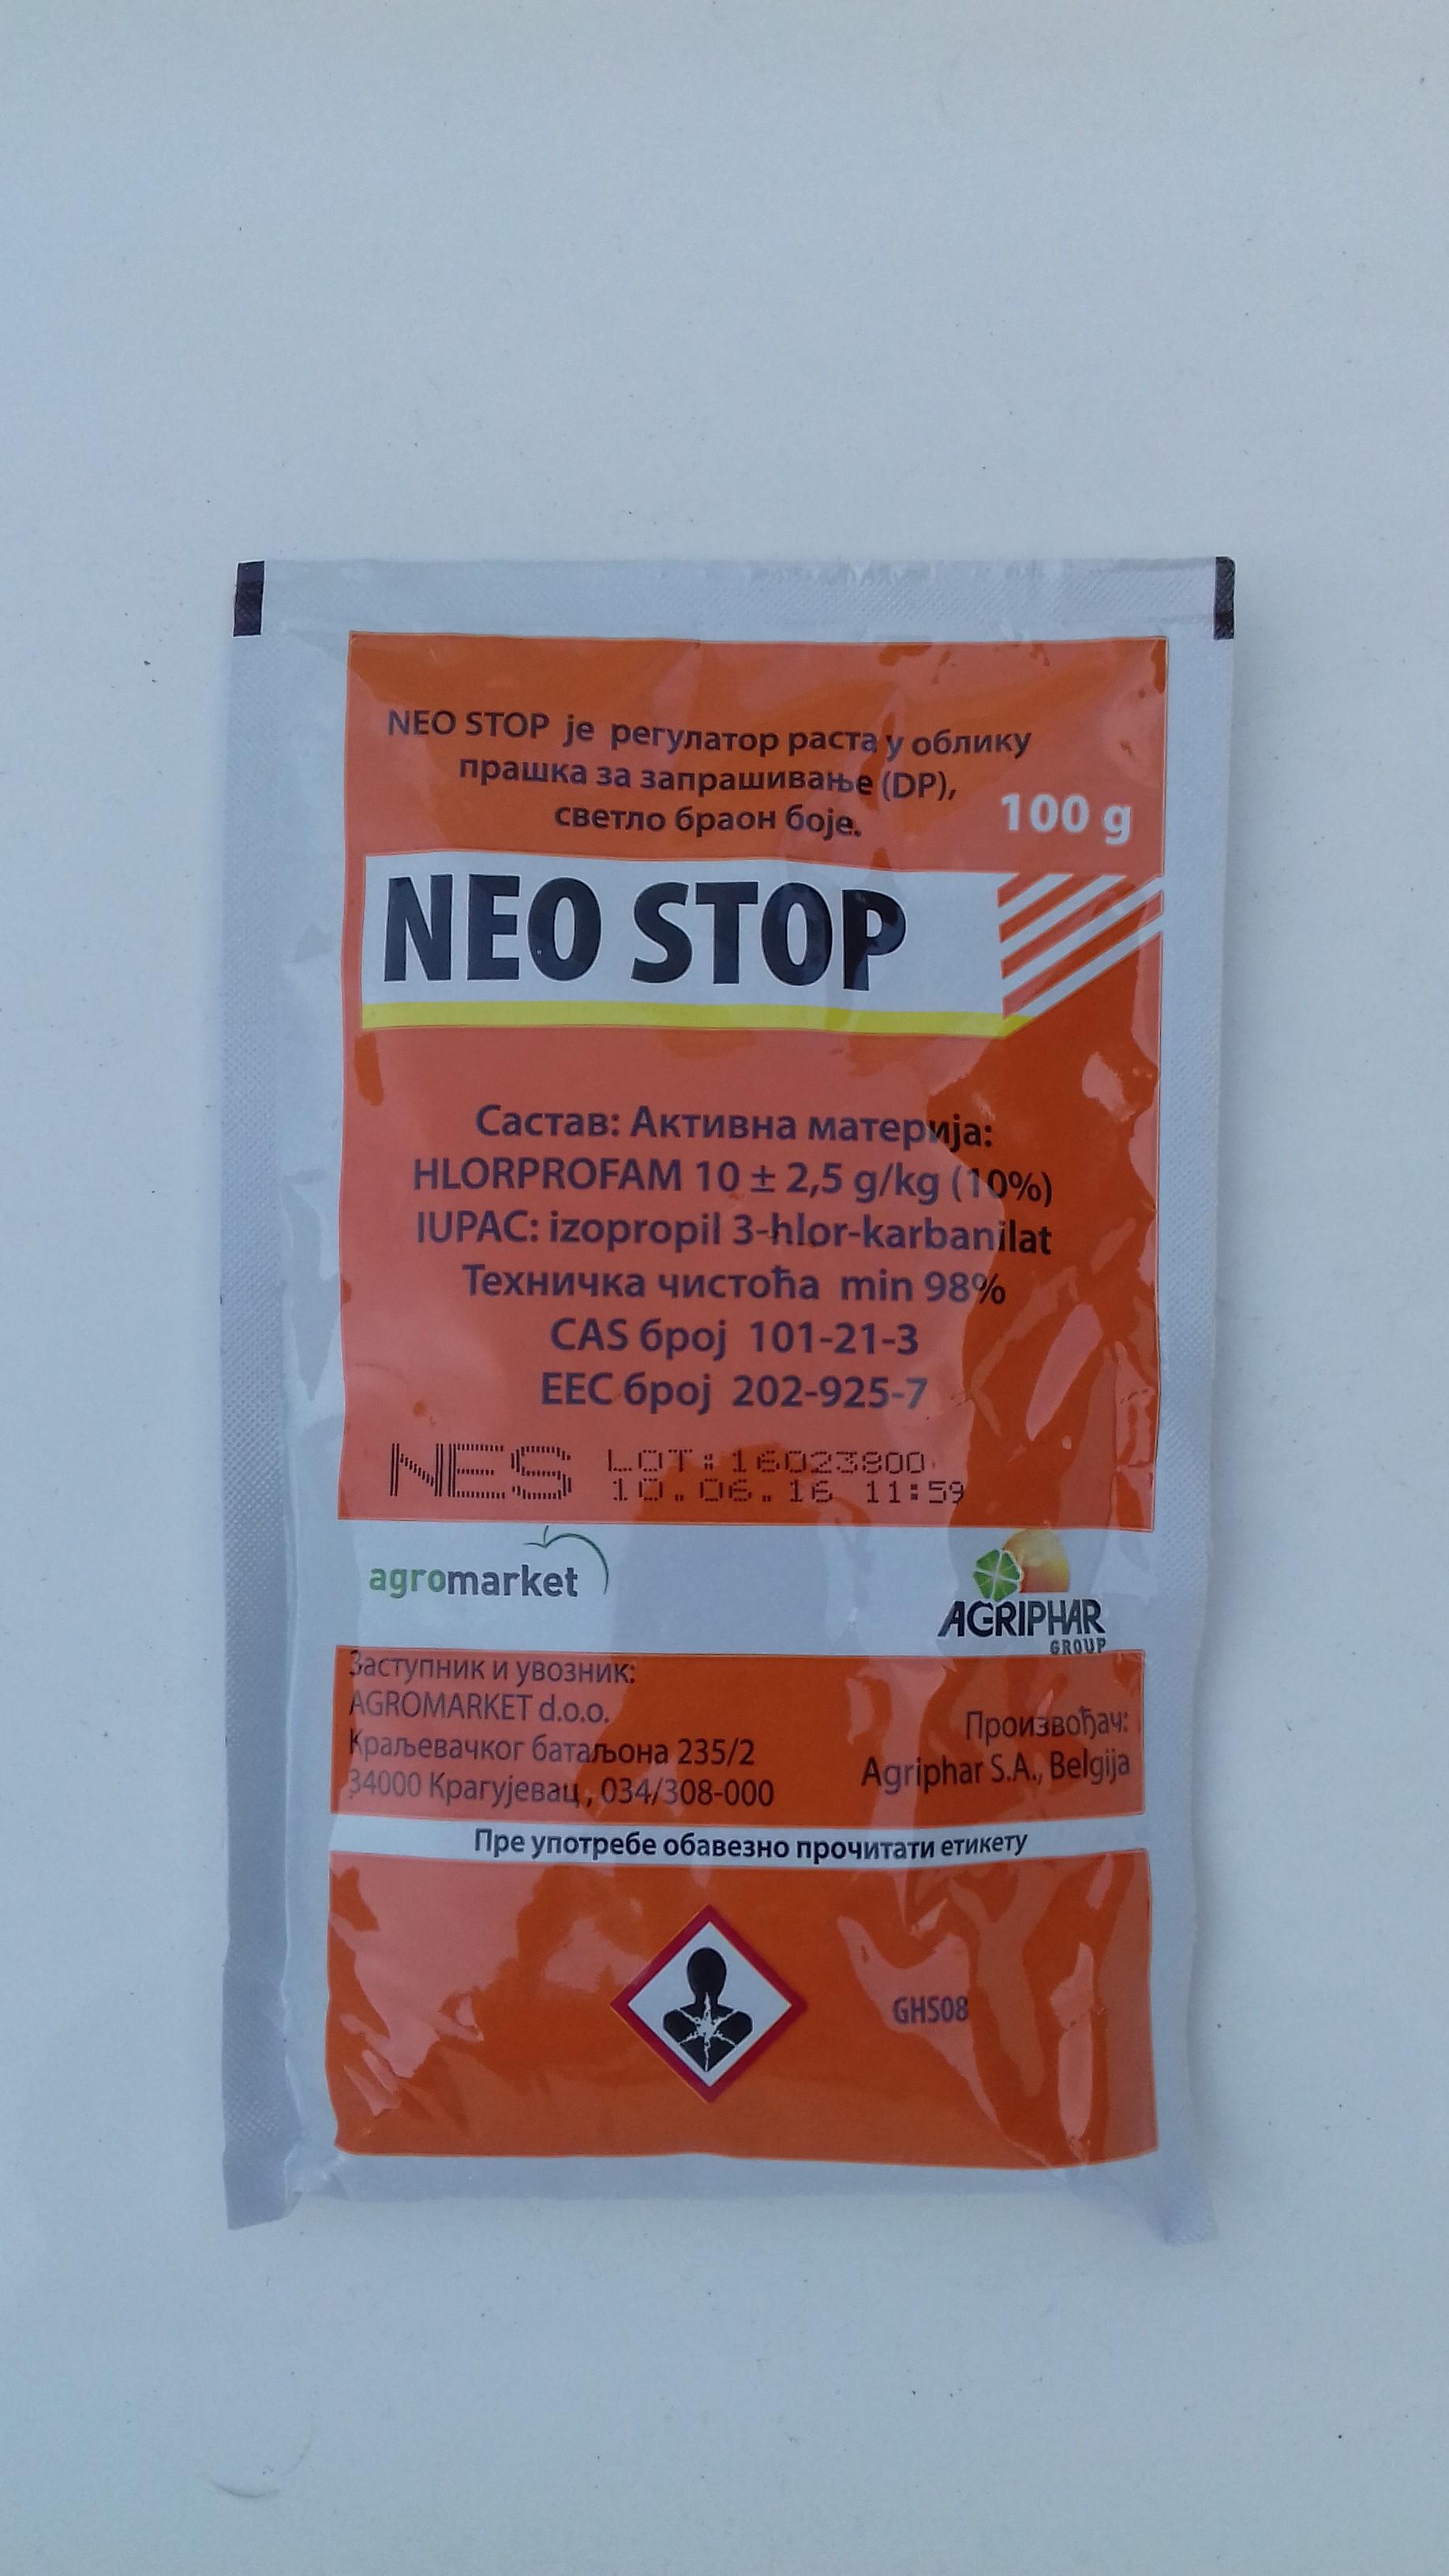 Neo stop 100g